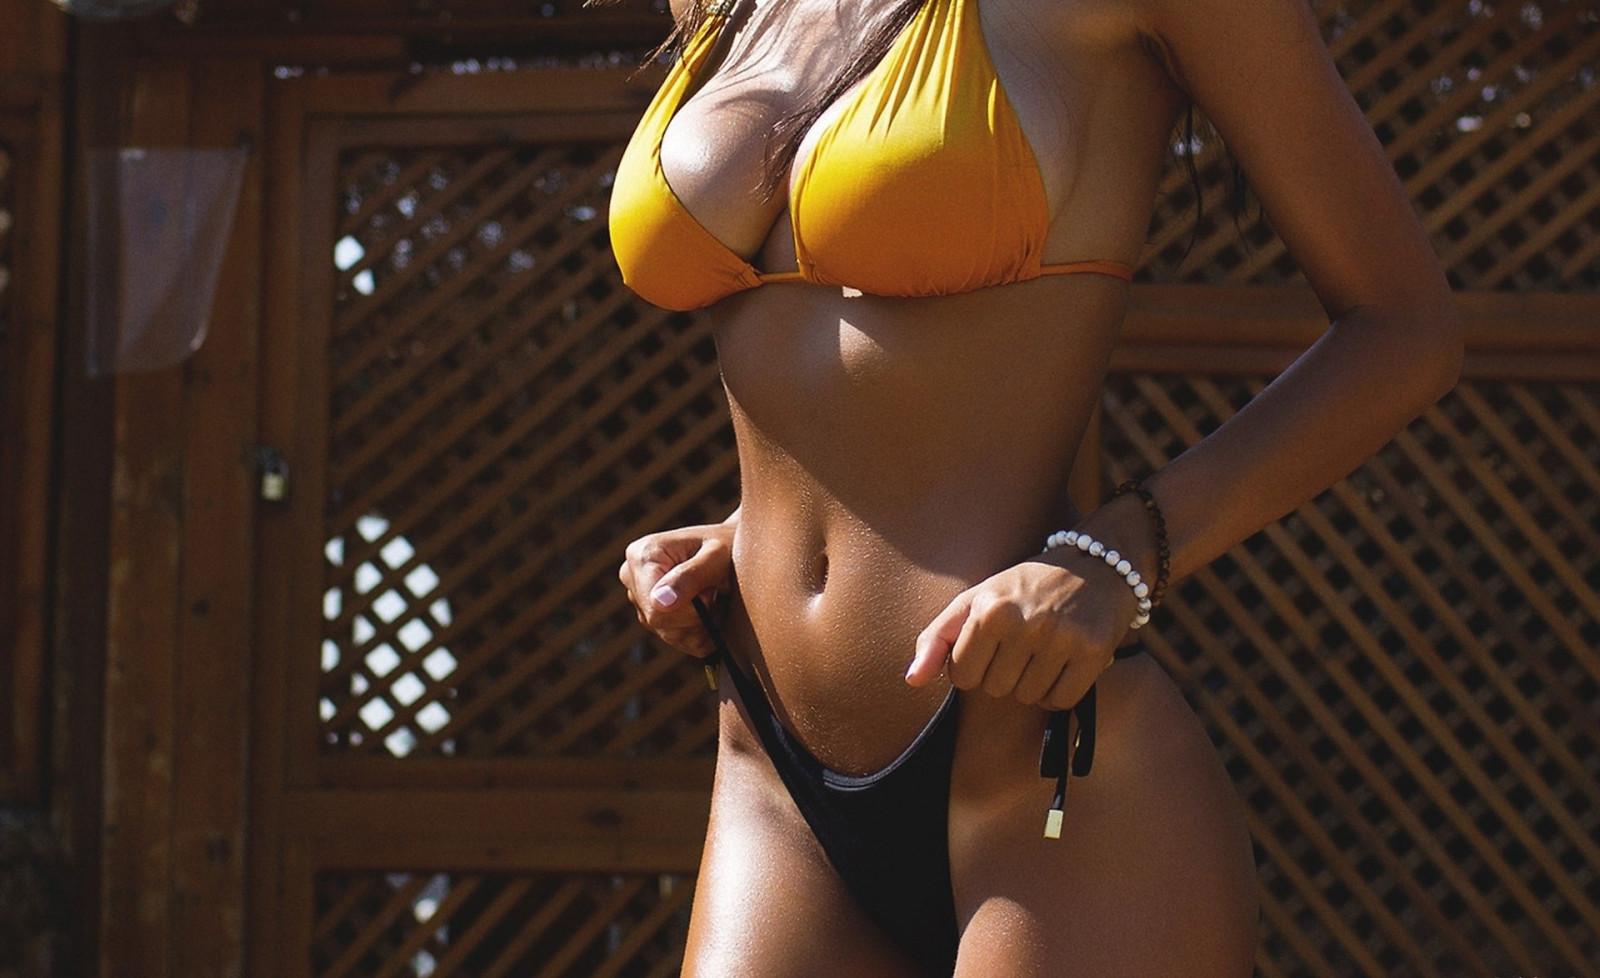 Стройная с большими грудями